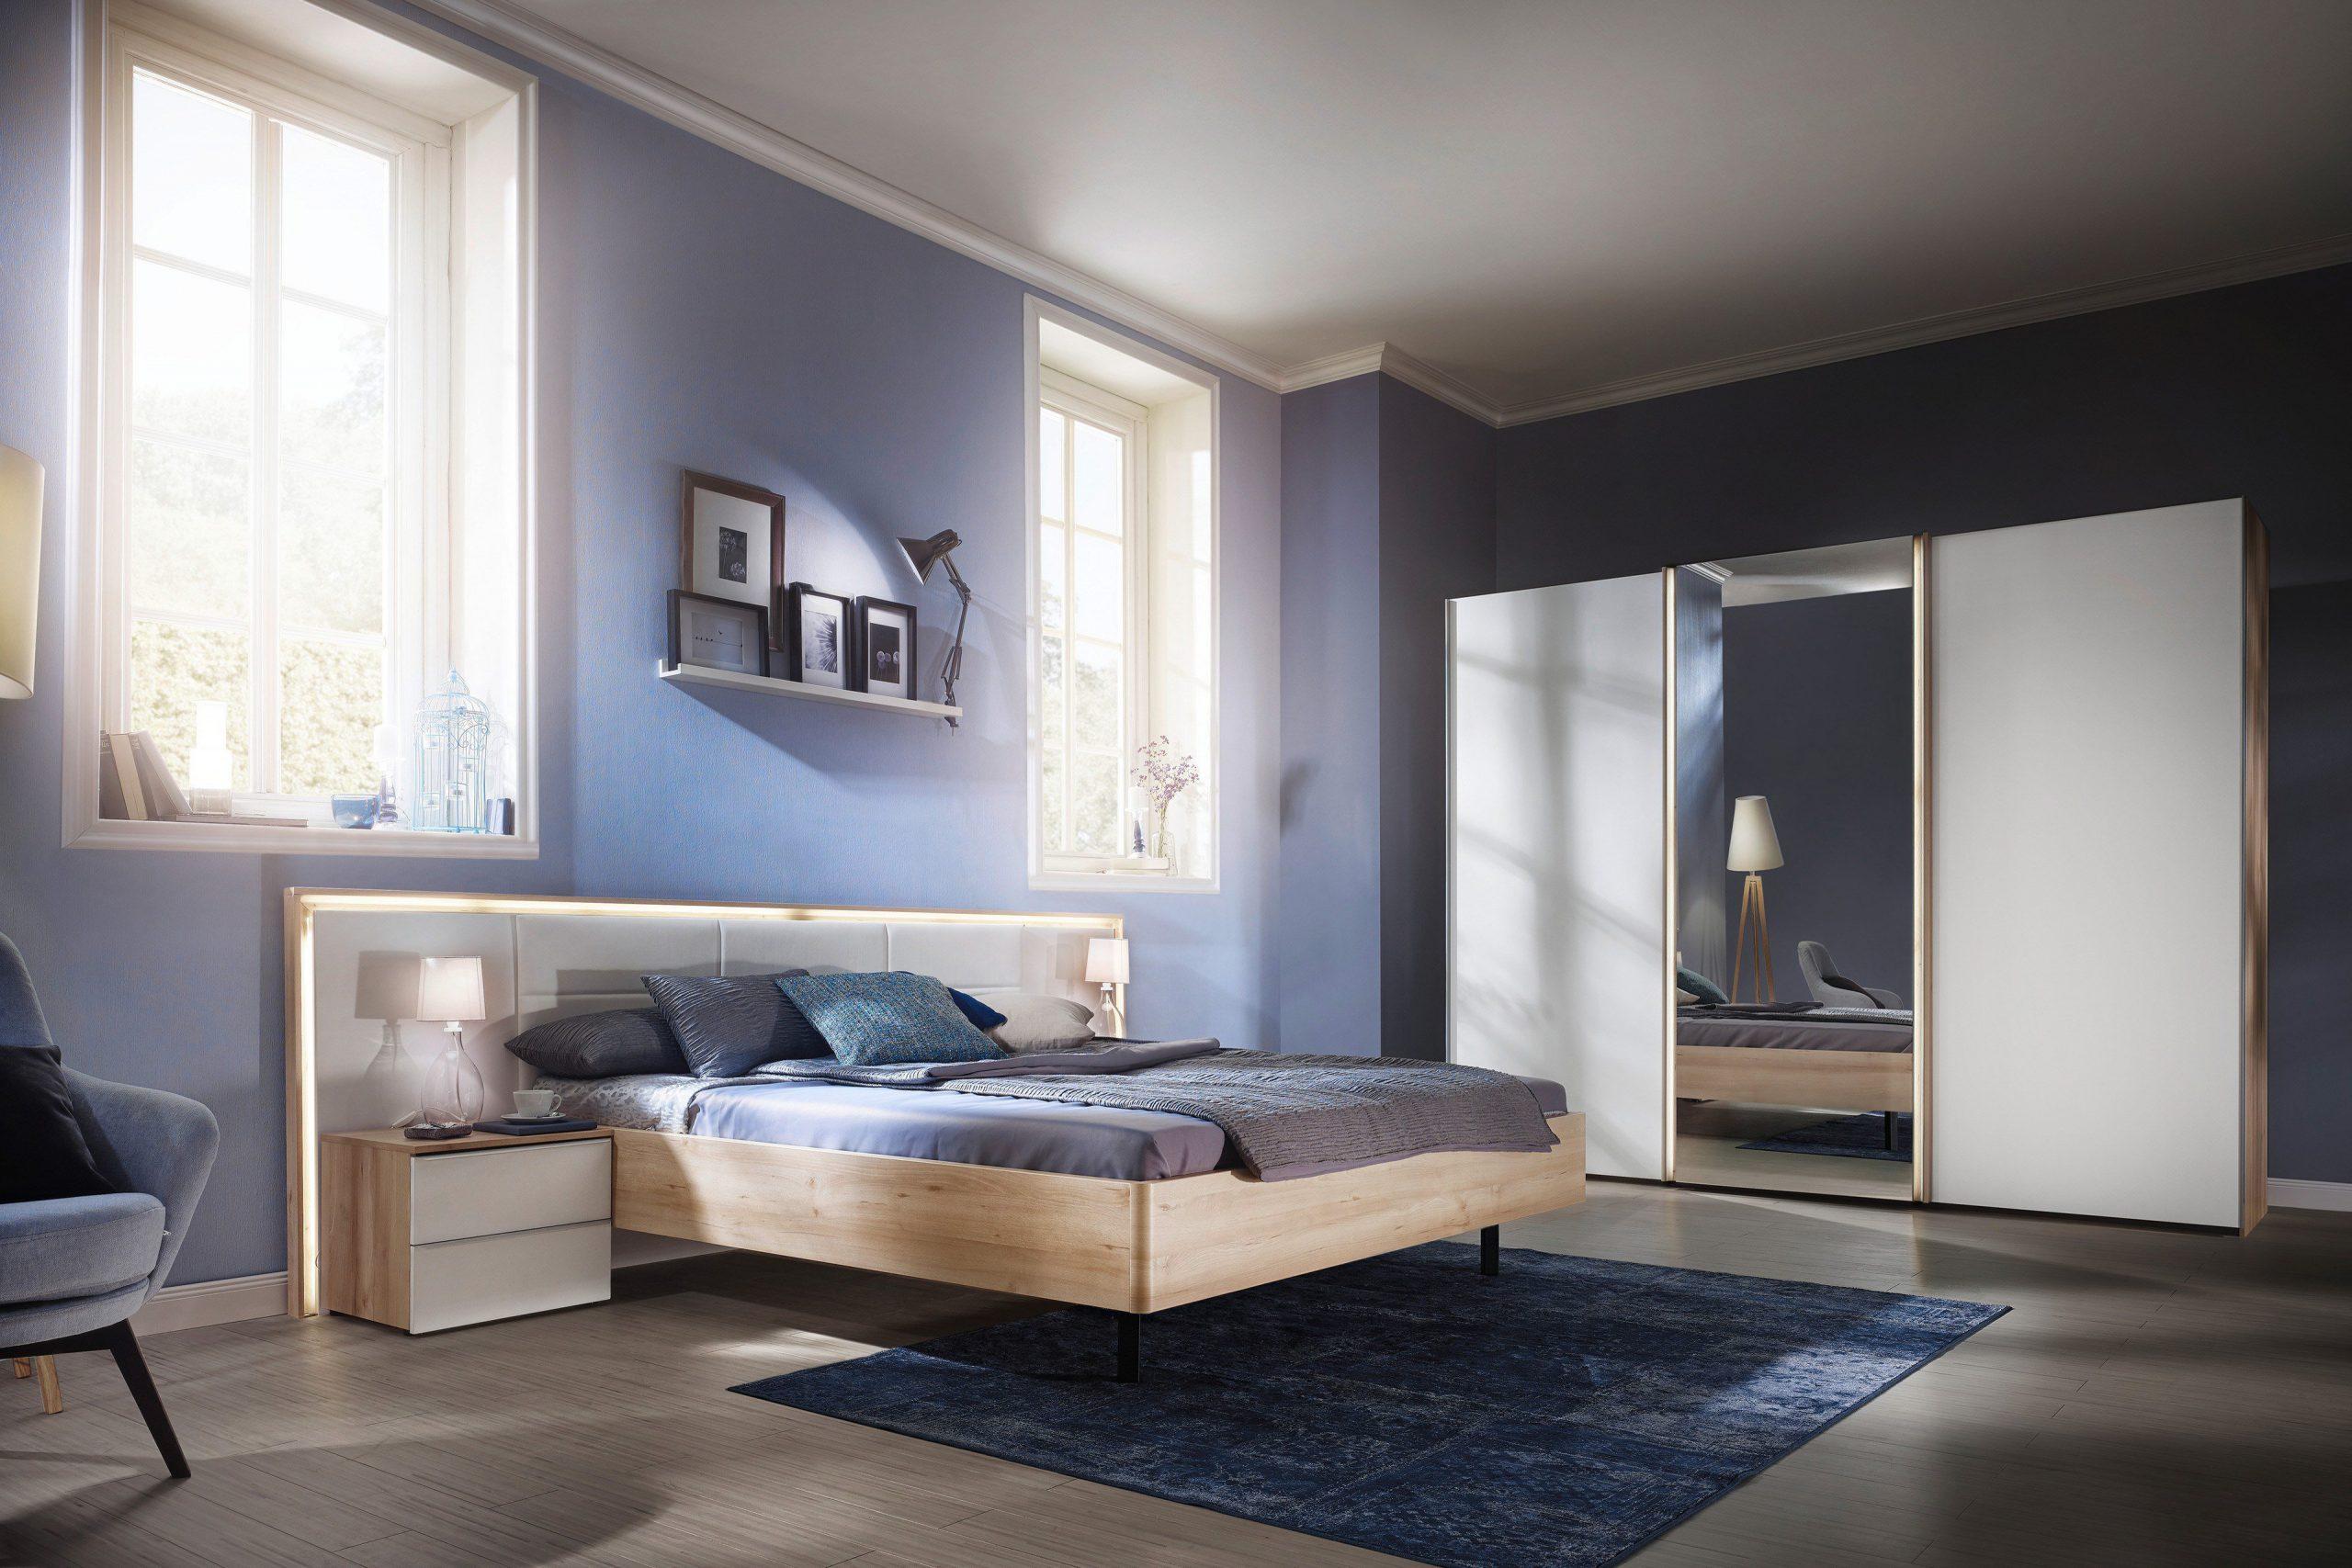 Full Size of Nolte Schlafzimmer Senioren Luxus Schränke Komplett Massivholz Weißes Lampen Betten Stehlampe Wandbilder Rauch Schimmel Im Mit überbau Klimagerät Für Schlafzimmer Nolte Schlafzimmer